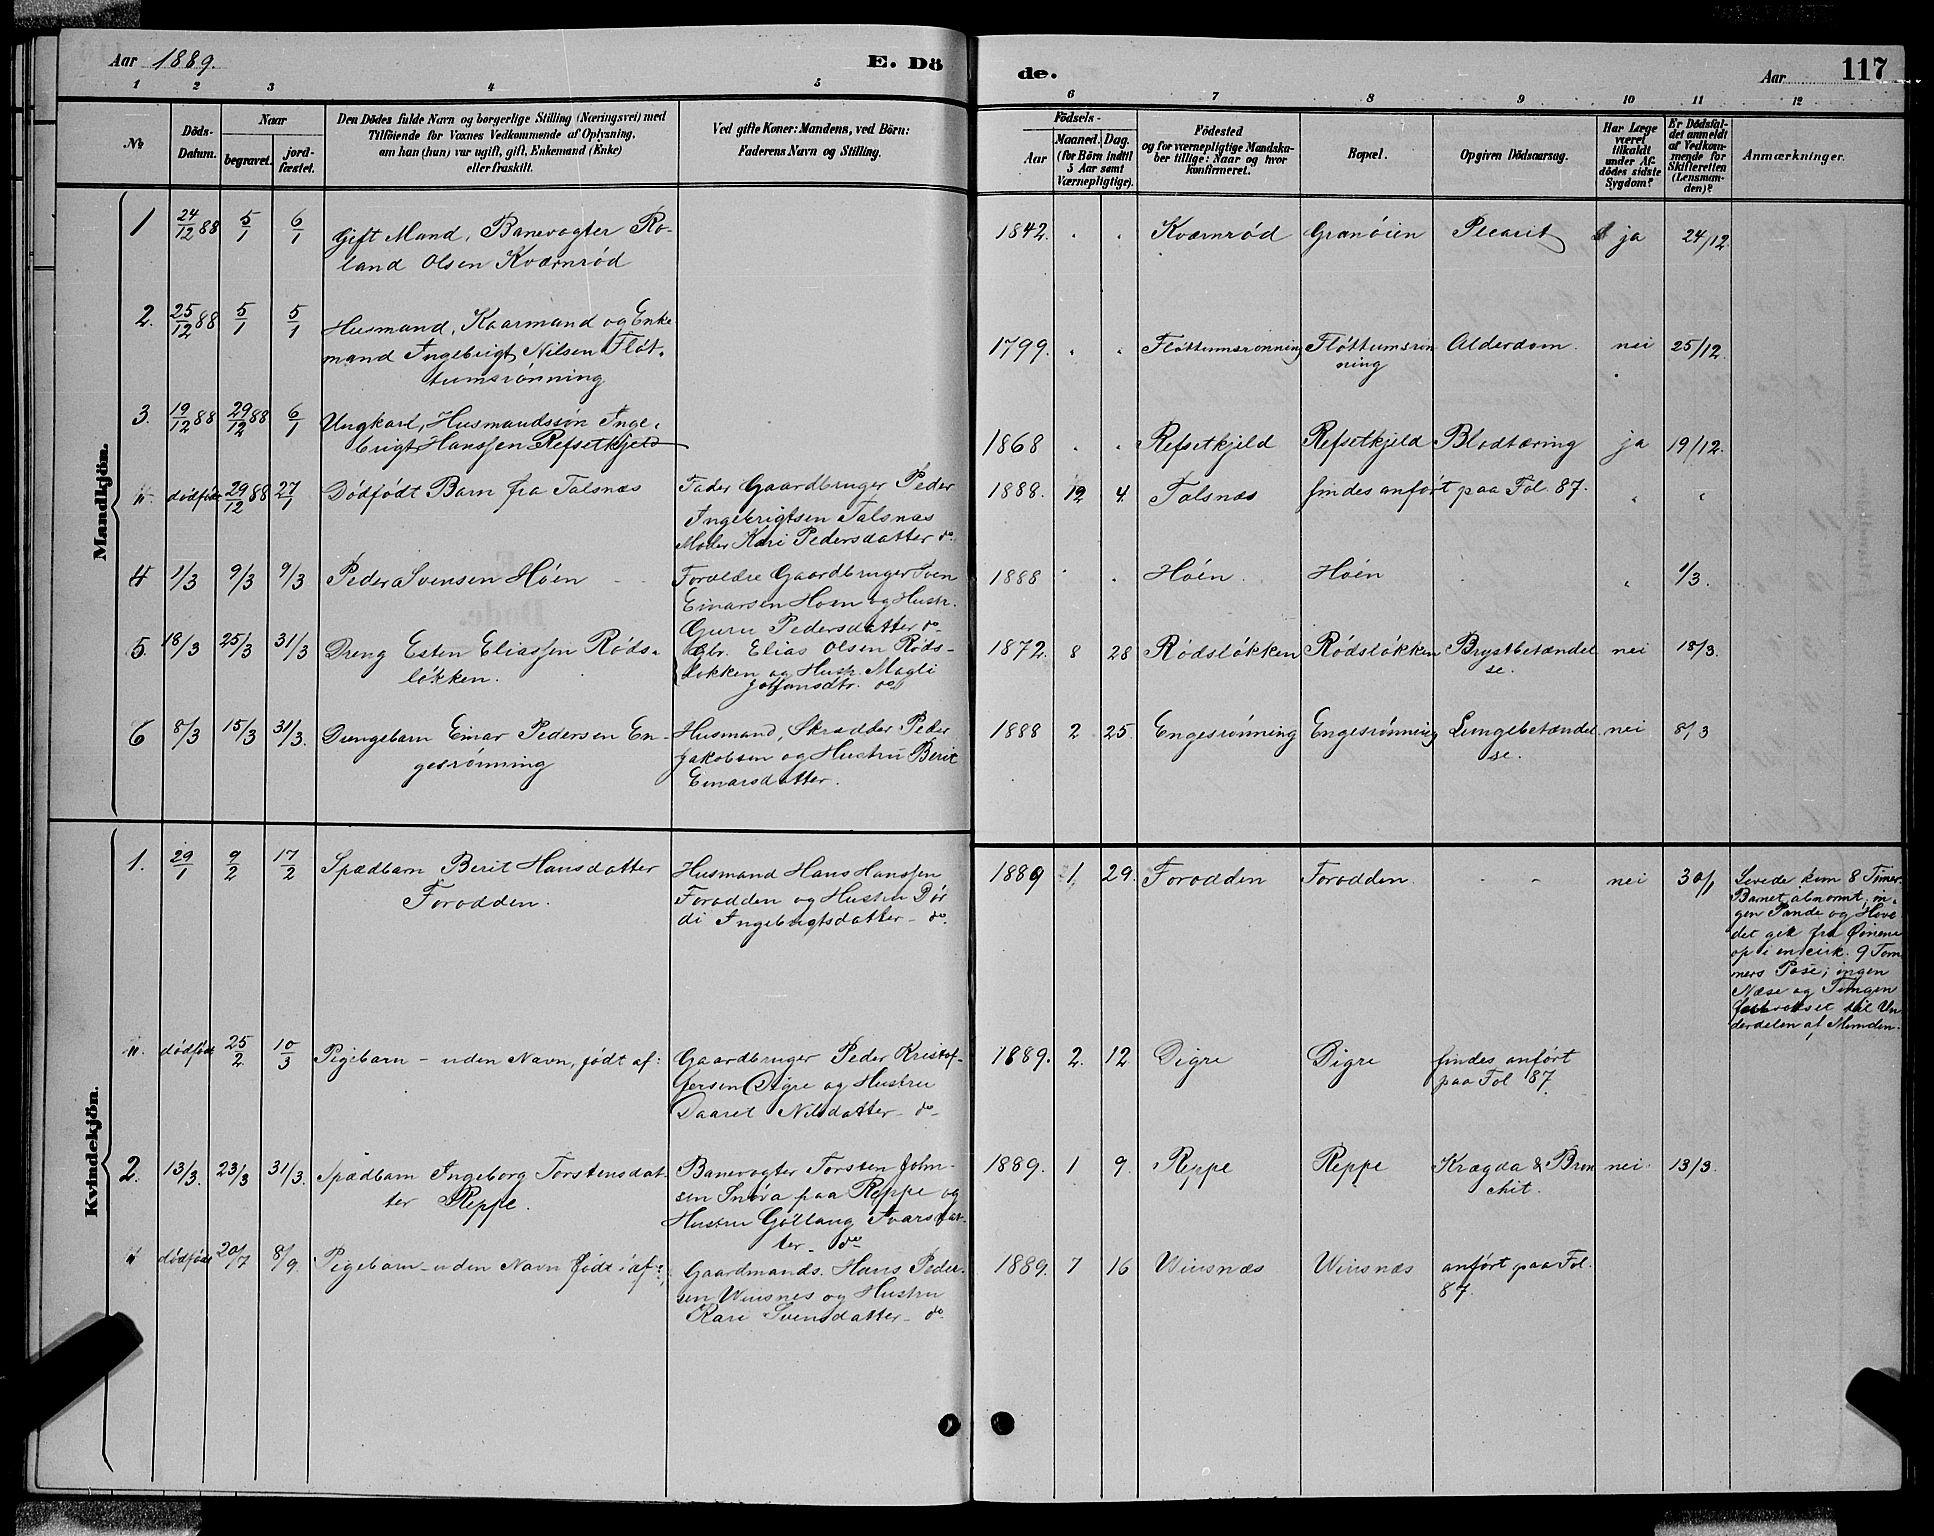 SAT, Ministerialprotokoller, klokkerbøker og fødselsregistre - Sør-Trøndelag, 688/L1028: Klokkerbok nr. 688C03, 1889-1899, s. 117